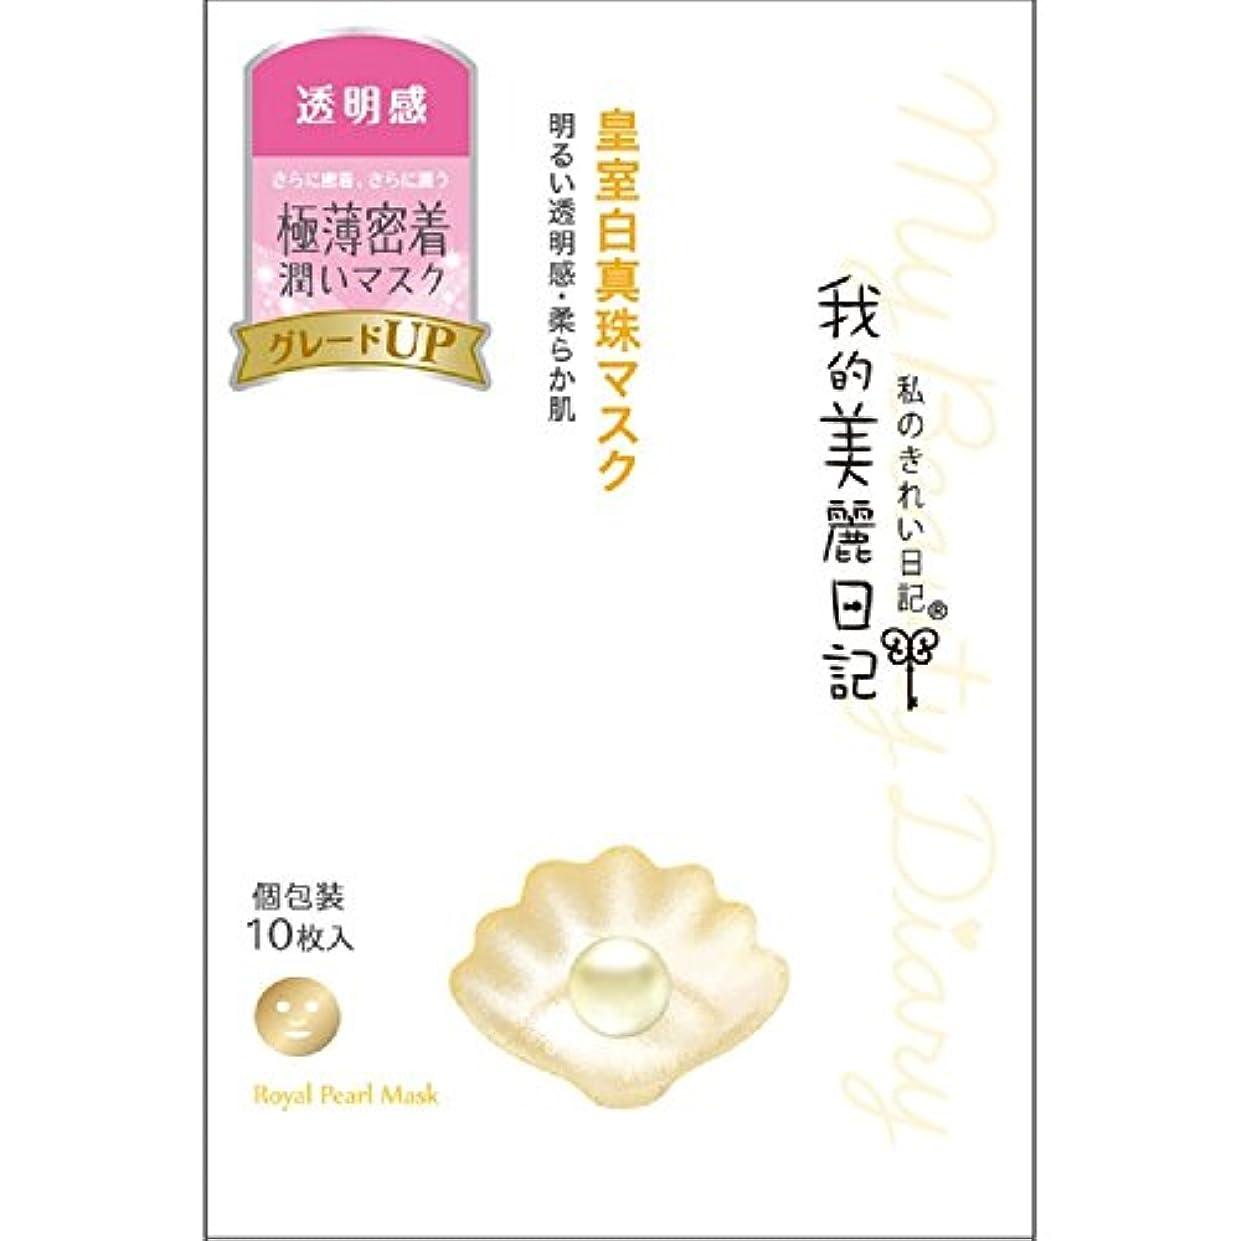 影響を受けやすいです正当な解く私のきれい日記 皇室白真珠マスク 10枚入り